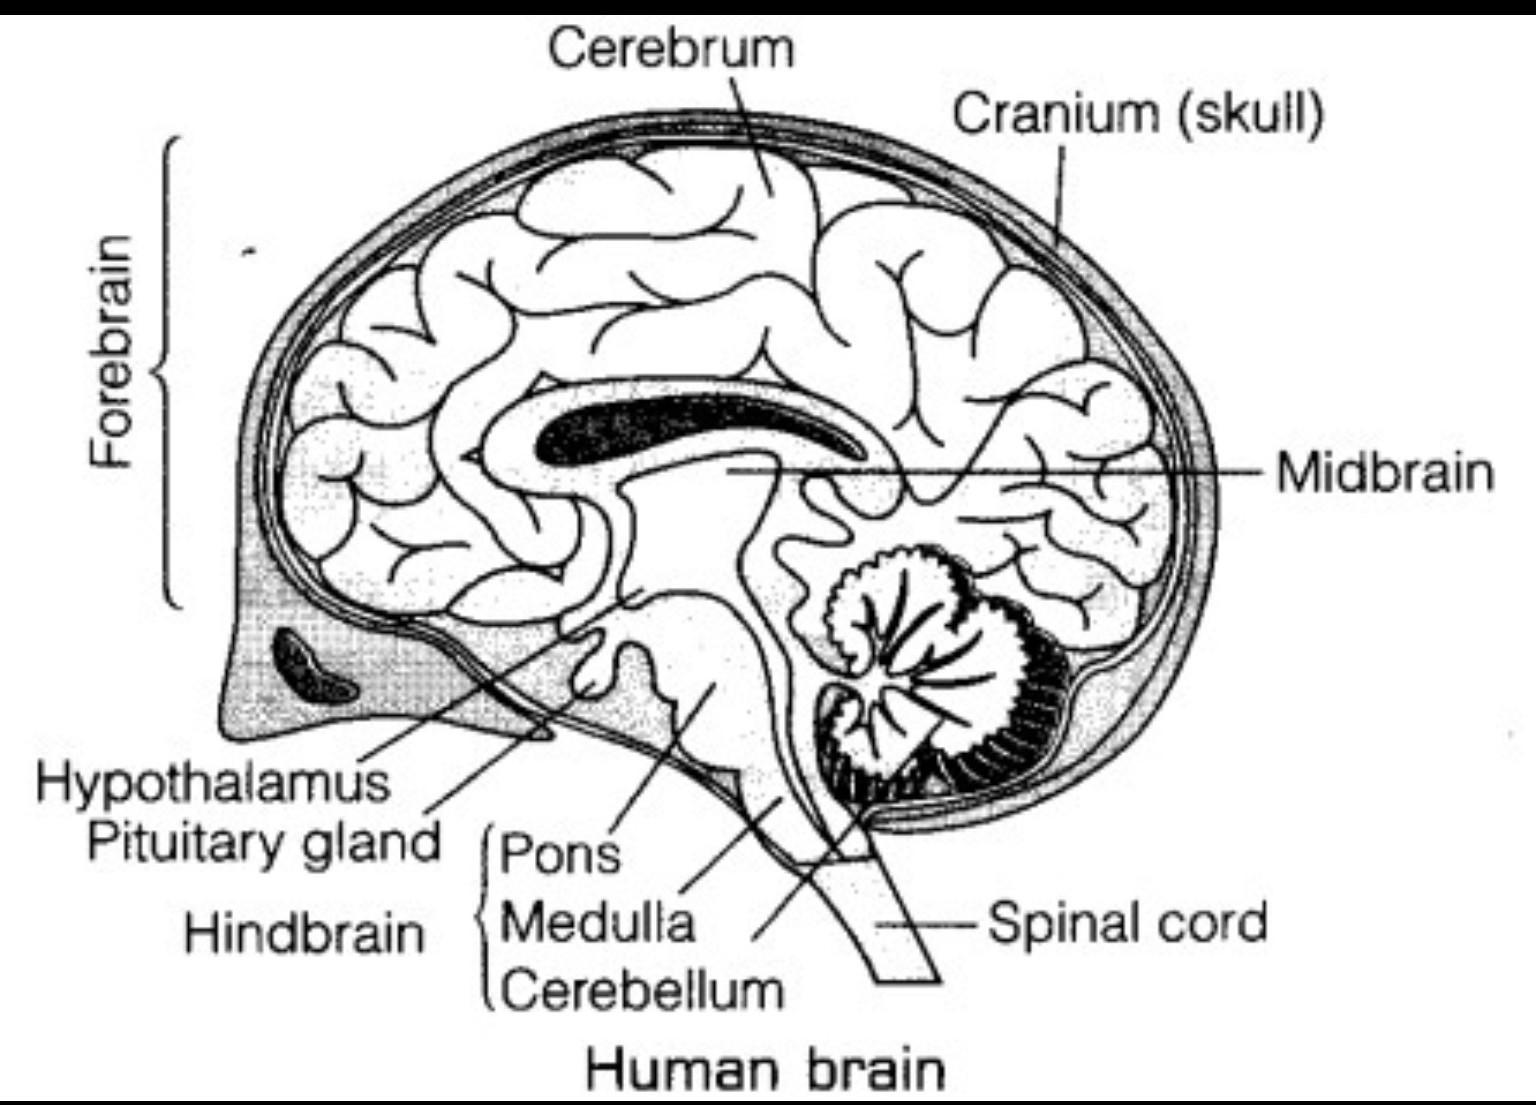 Human Brain Label Diagram